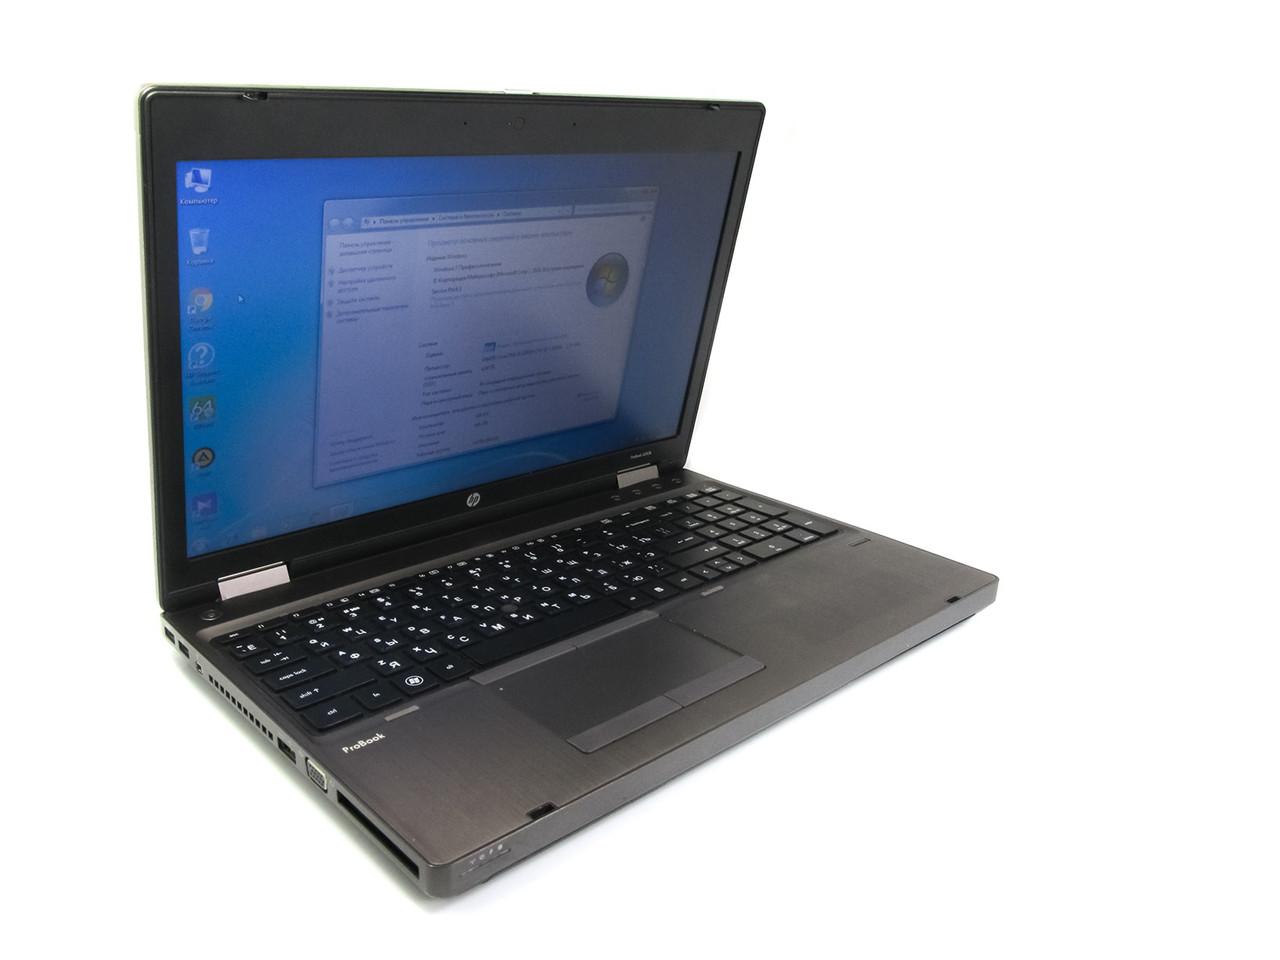 Ноутбук HP Probook 6560b 15.6 (1366х768), Core i3-i5 2gen., RAM от 4 до 8Gb, HDD 250-320GB ОПТ от 2шт.